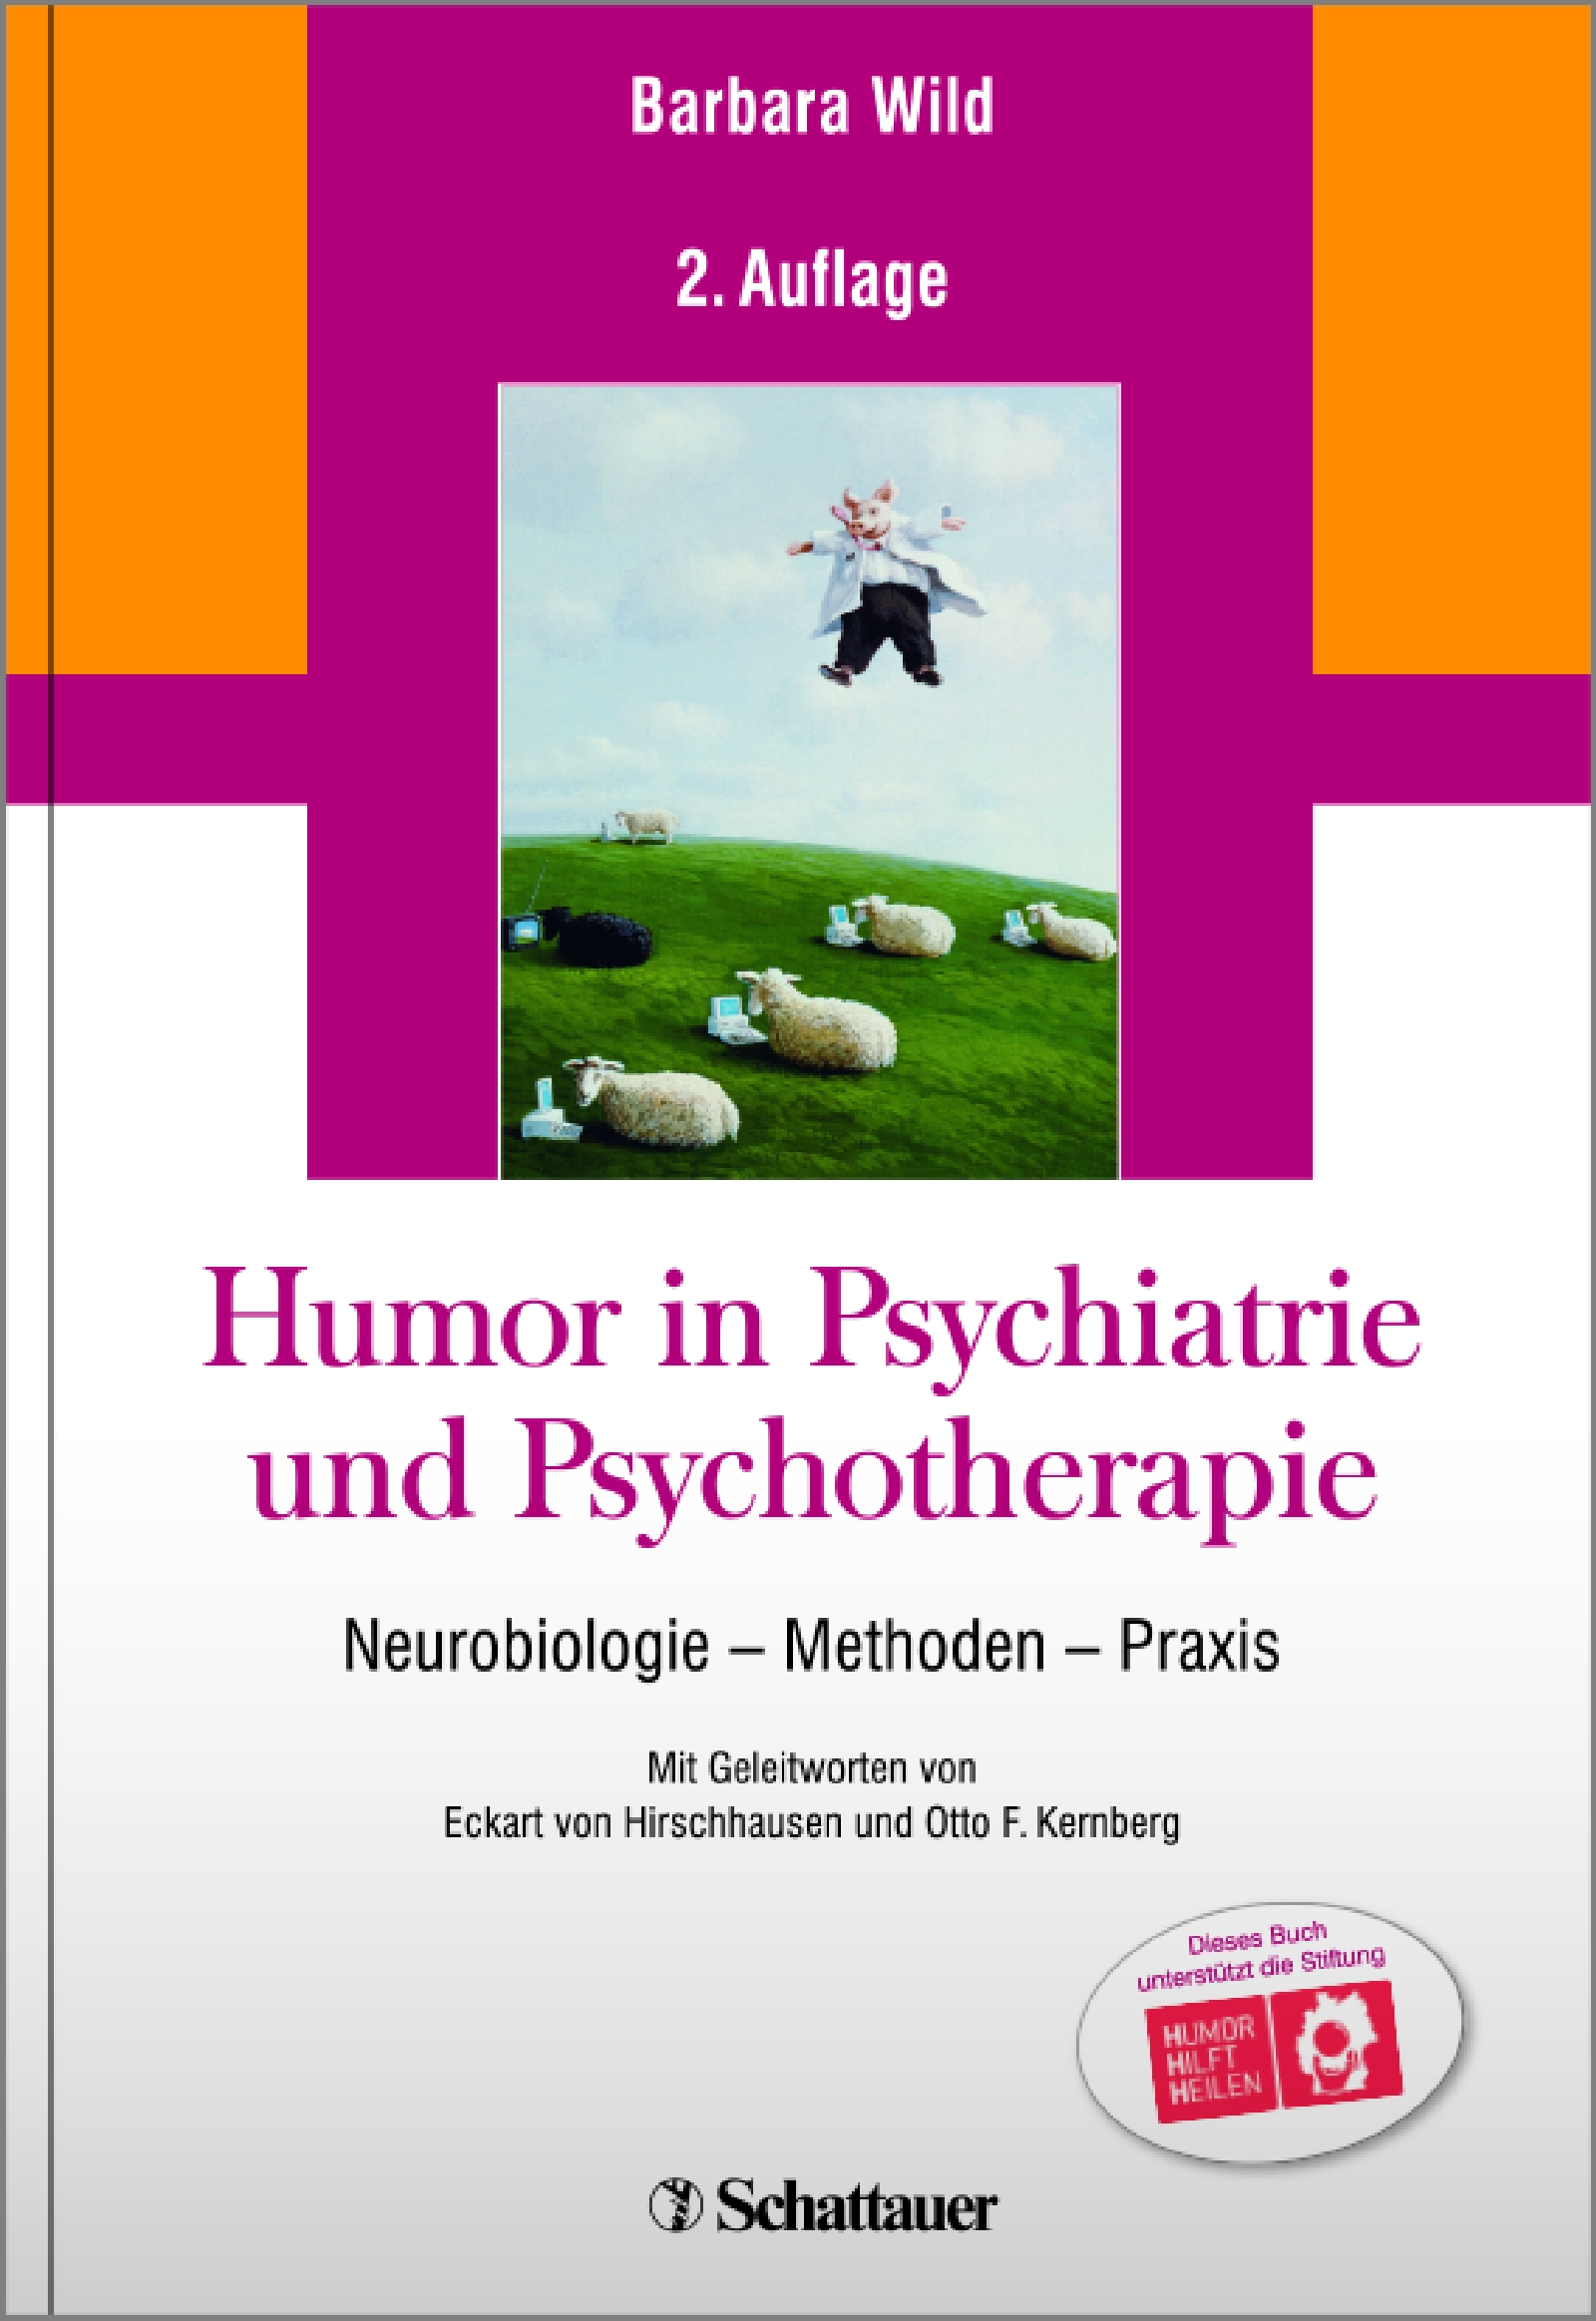 NEU Humor in Psychiatrie und Psychotherapie Barbara Wild 530618